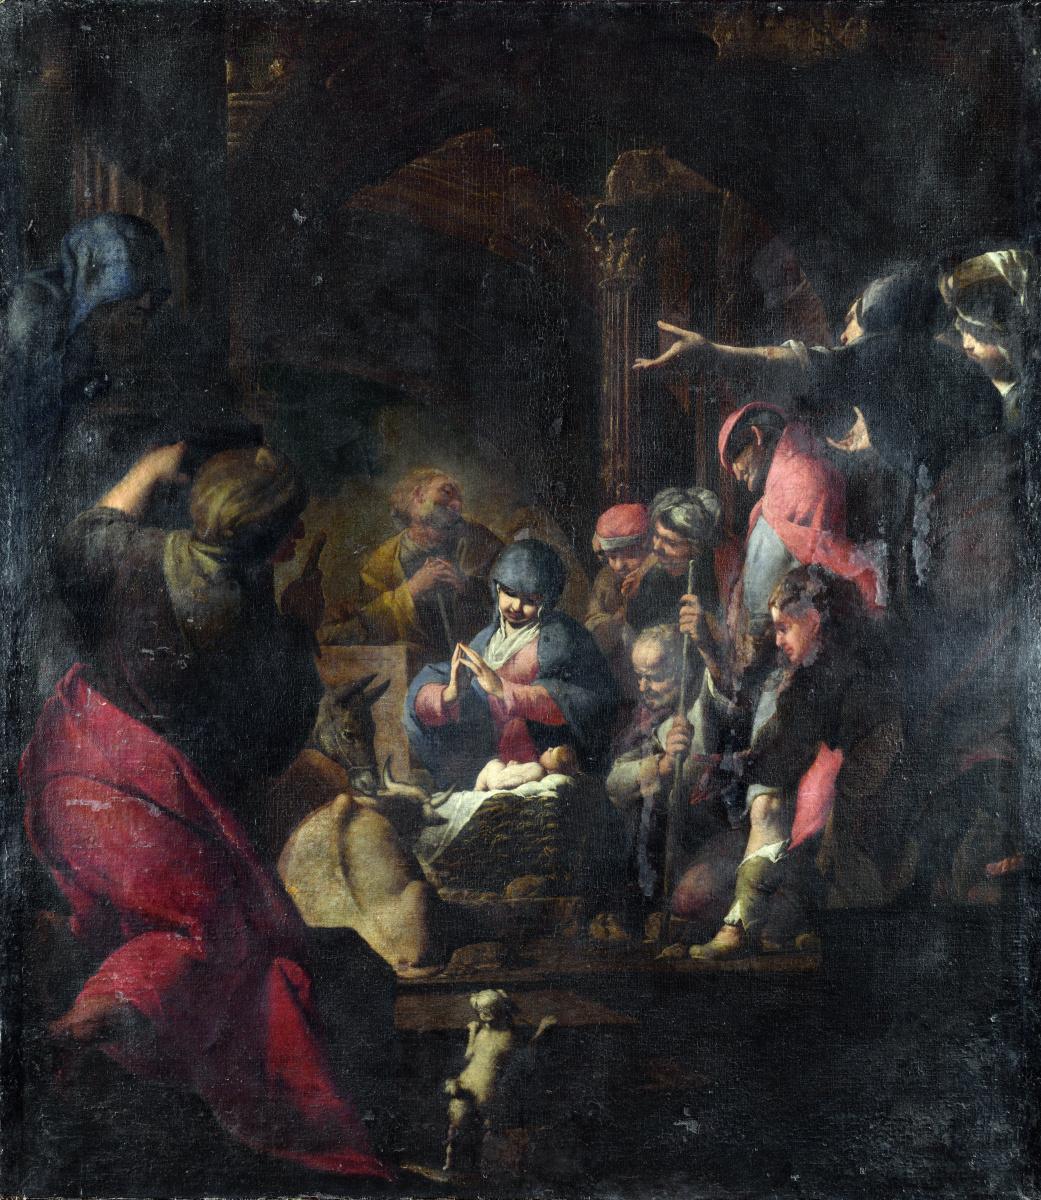 Джованни Баттиста Спинелли. Поклонение пастухов